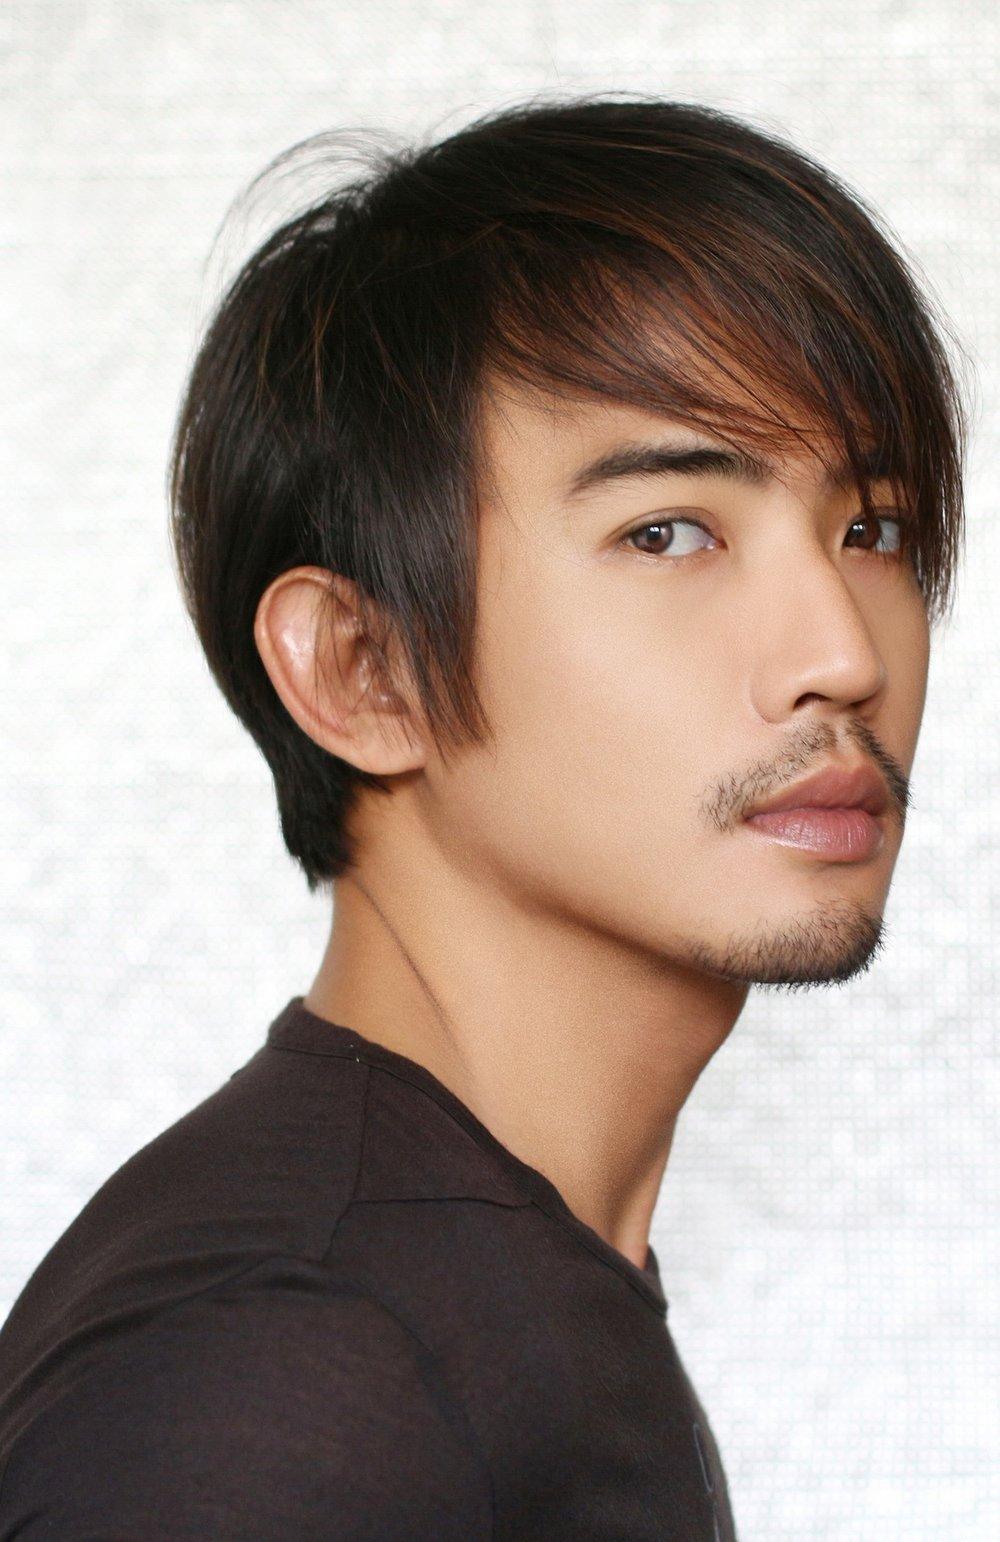 short-hair-1424070_1920.jpg